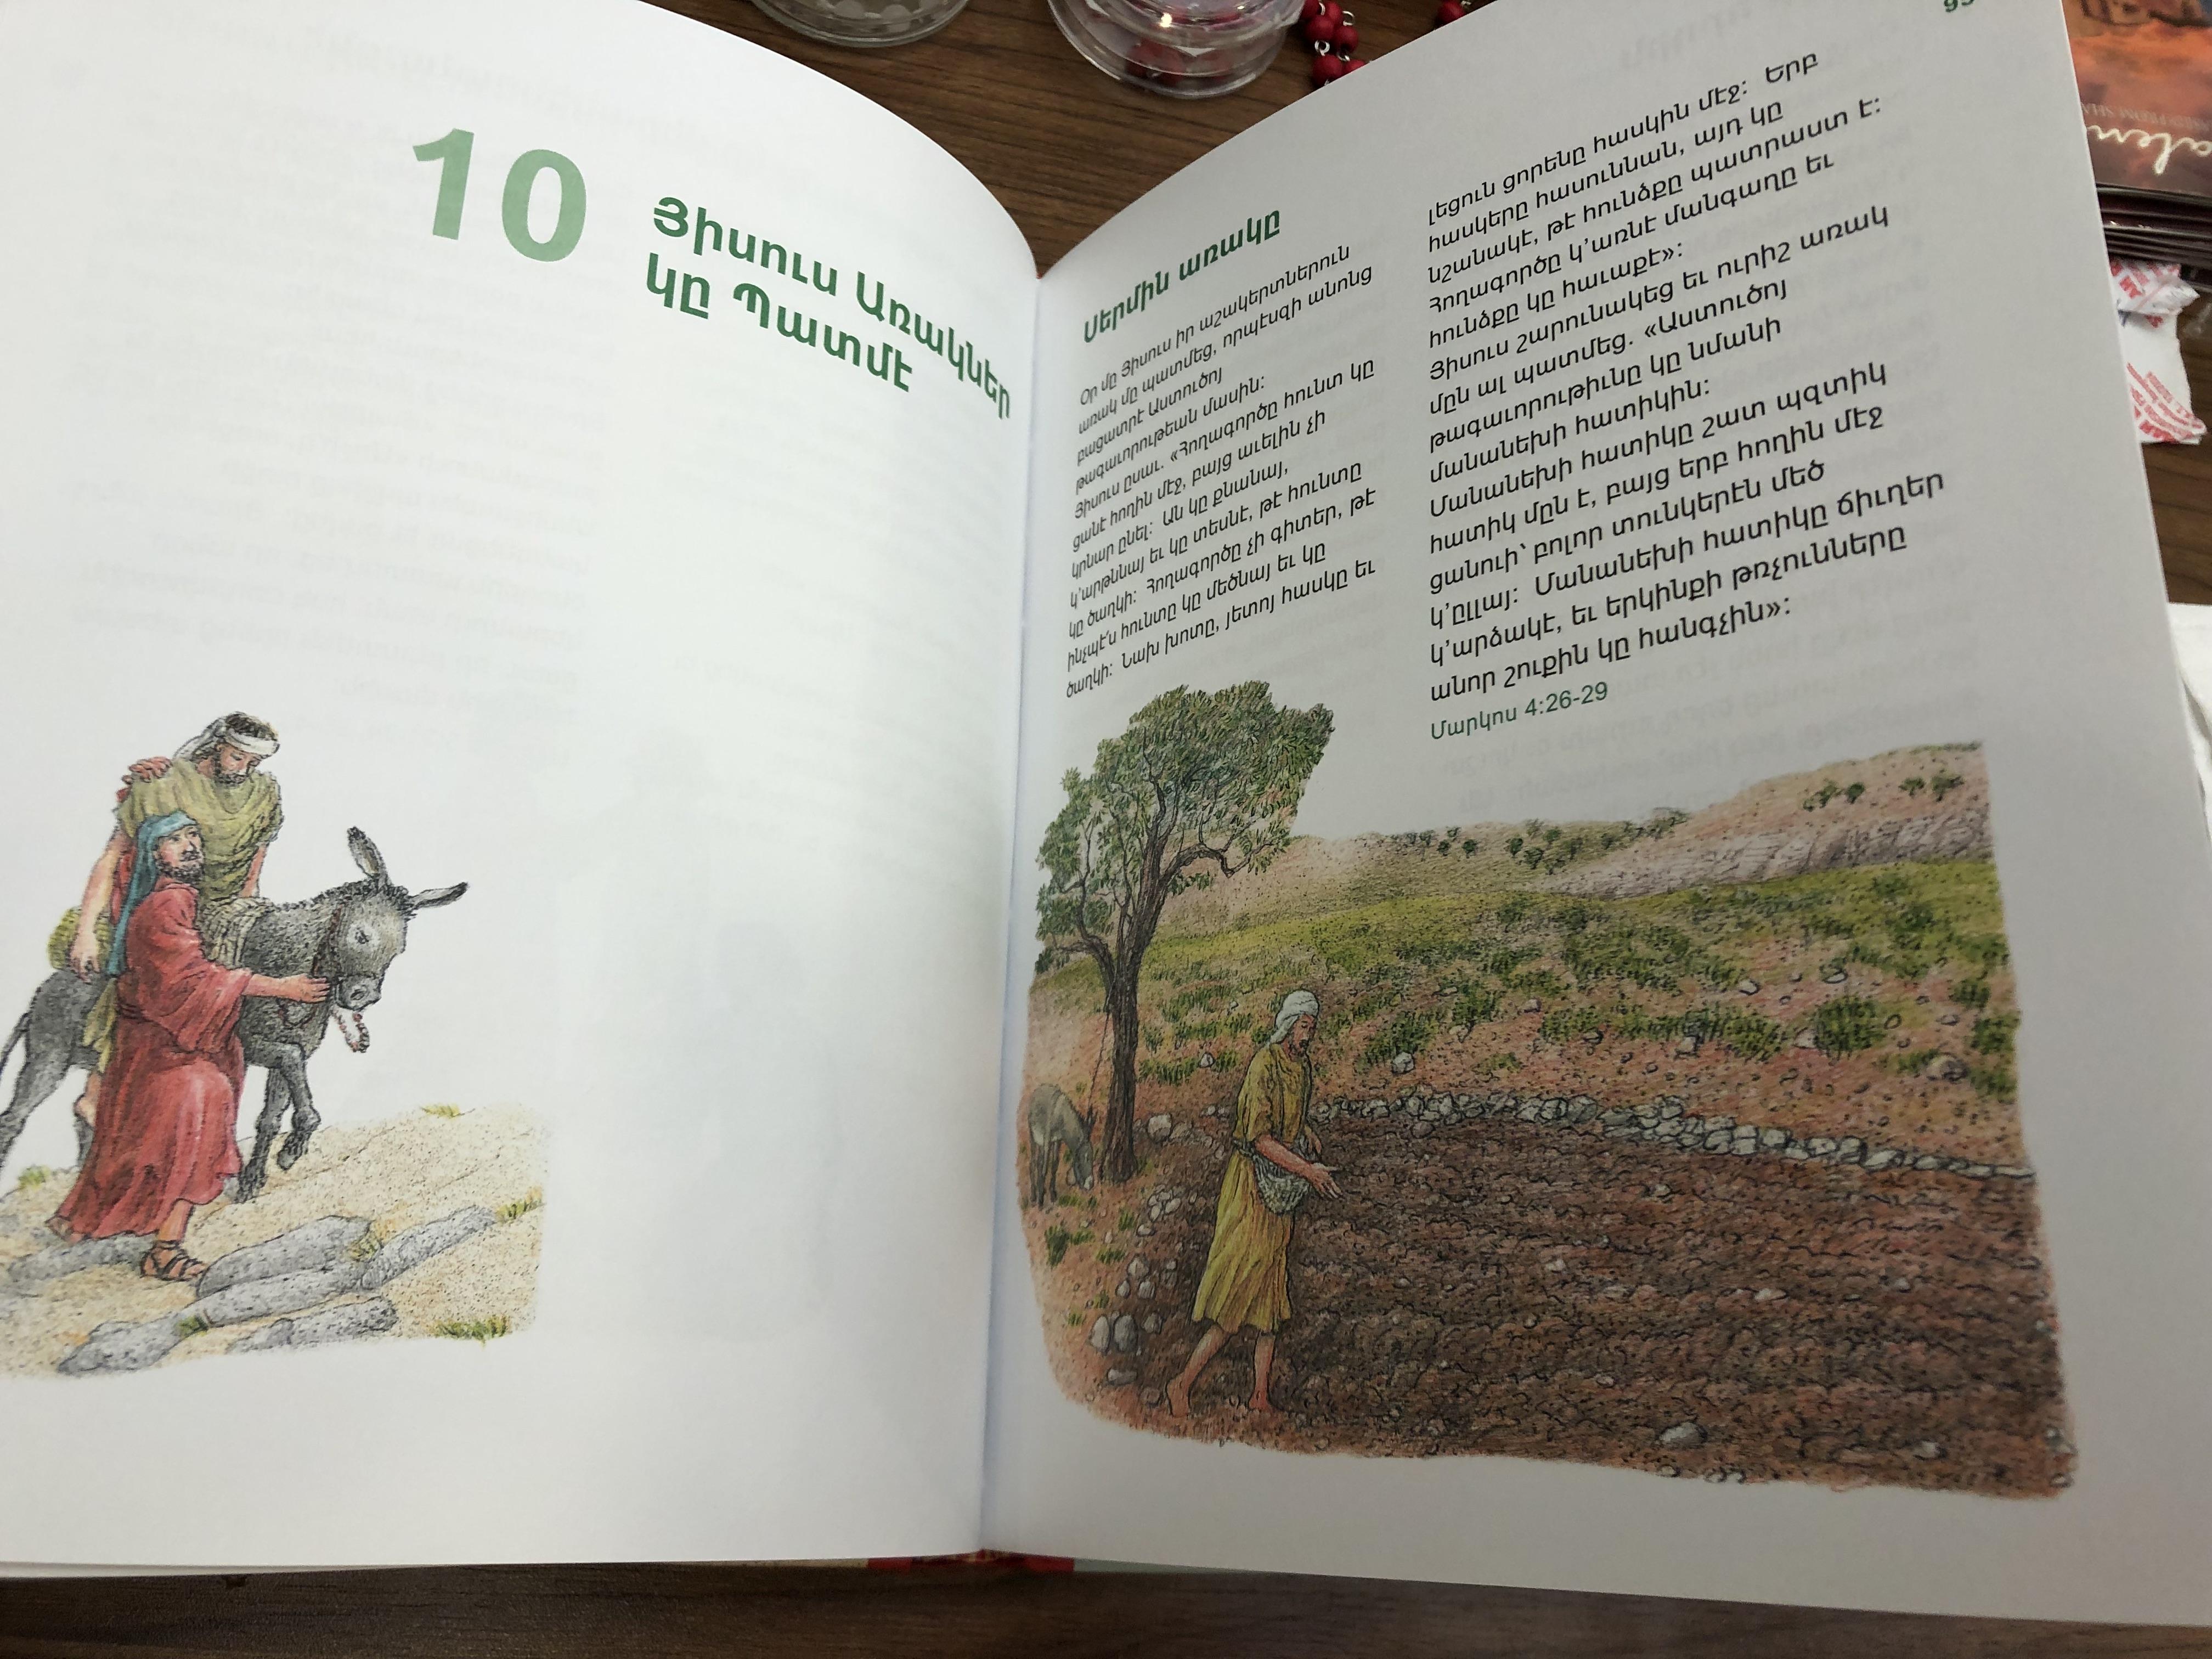 die-vorlese-bibel-the-read-aloud-bible-in-armenian-language-edda-horst-keil-hardcover-2017-7-.jpg